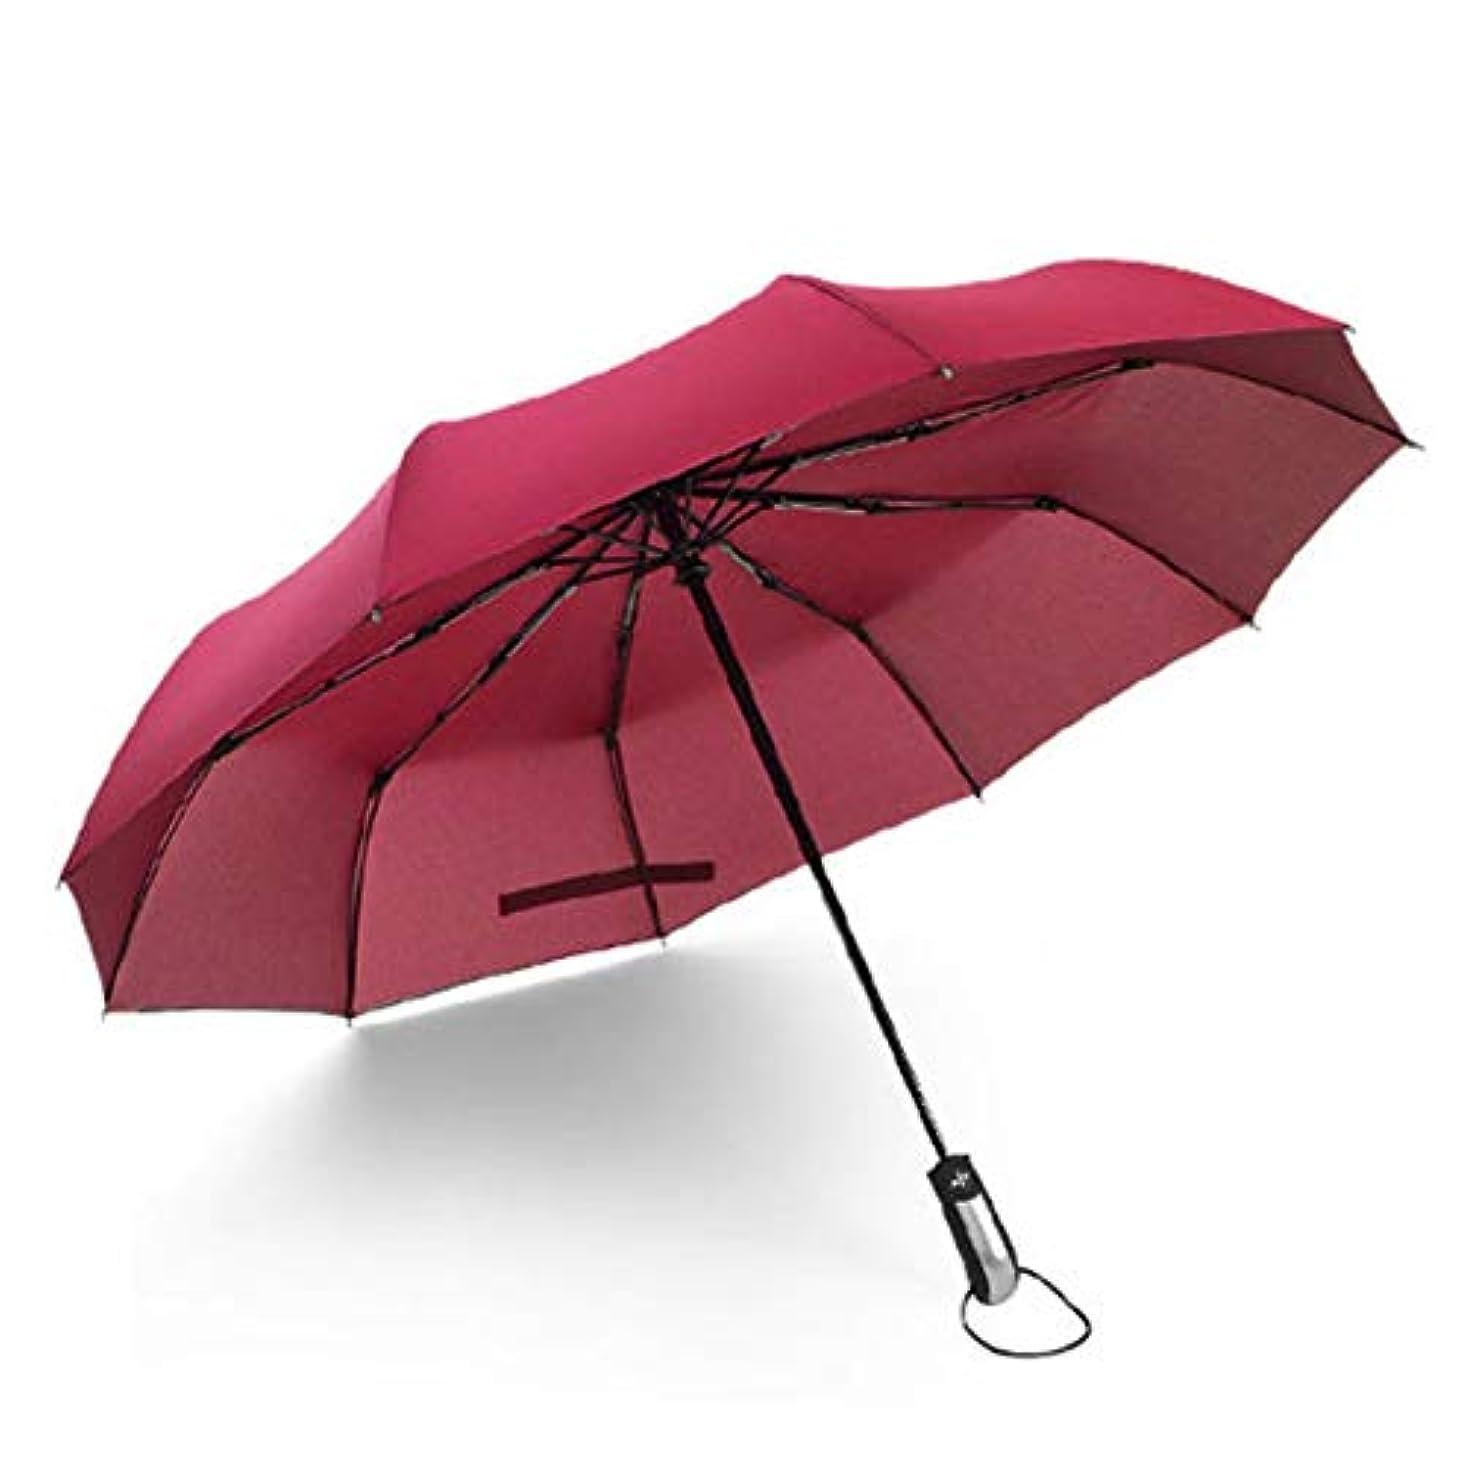 閉じ込める精緻化横向きSaikogoods 全自動日 - 雨の傘 トリプルフォールディング 男性女性 強化のために10-リブ ビジネス傘 ワインレッド